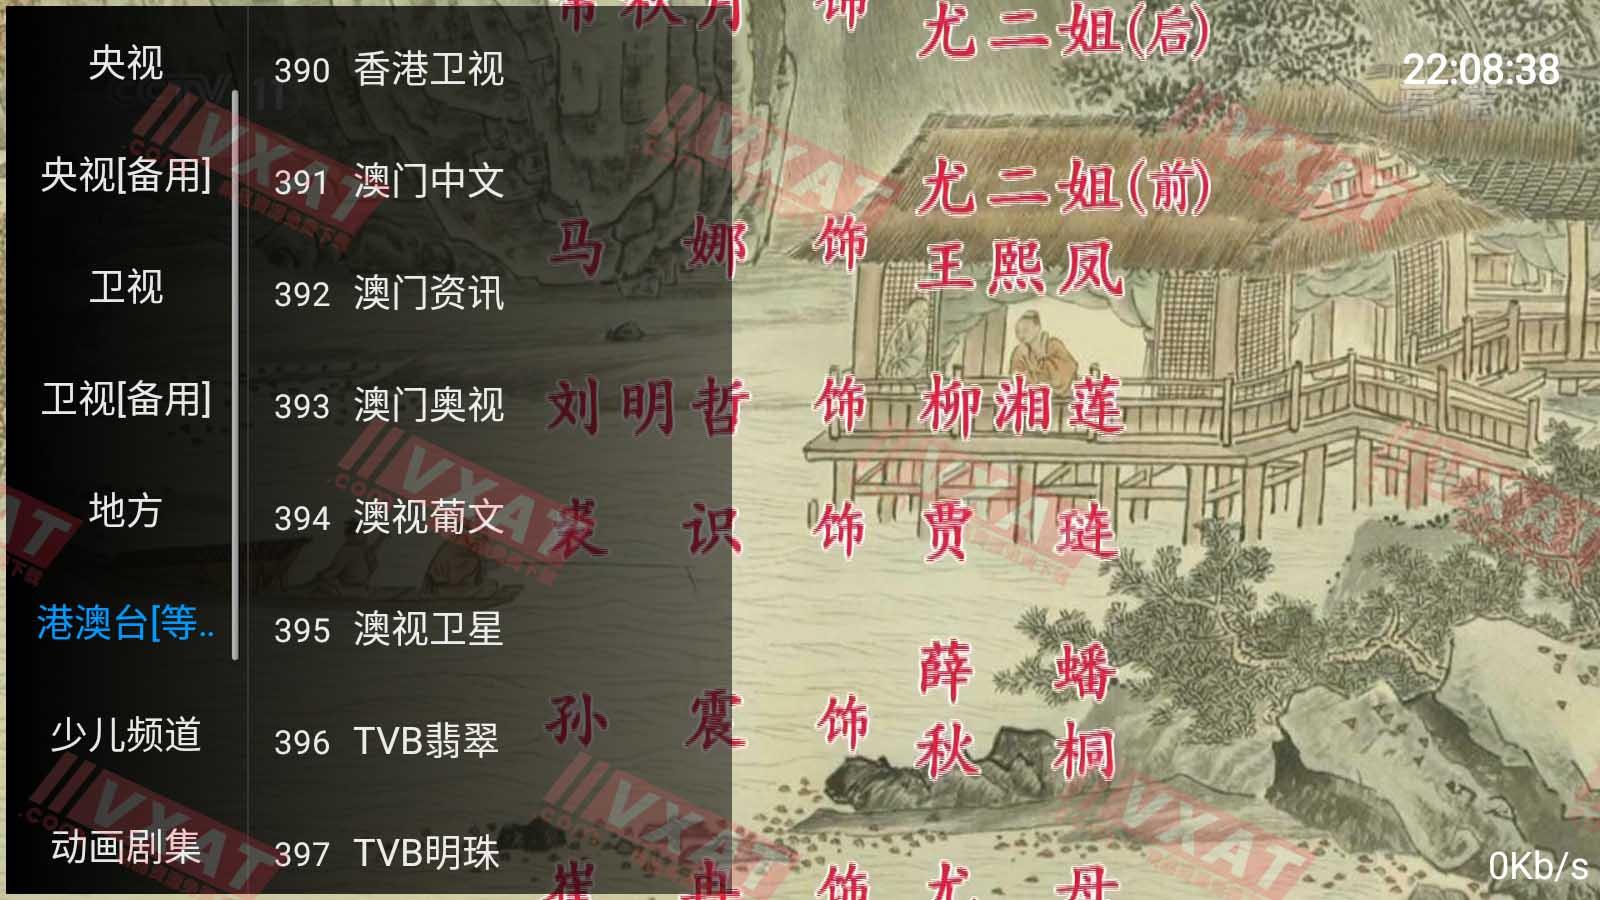 片库TV_v3.0.4 电视破解版 第3张